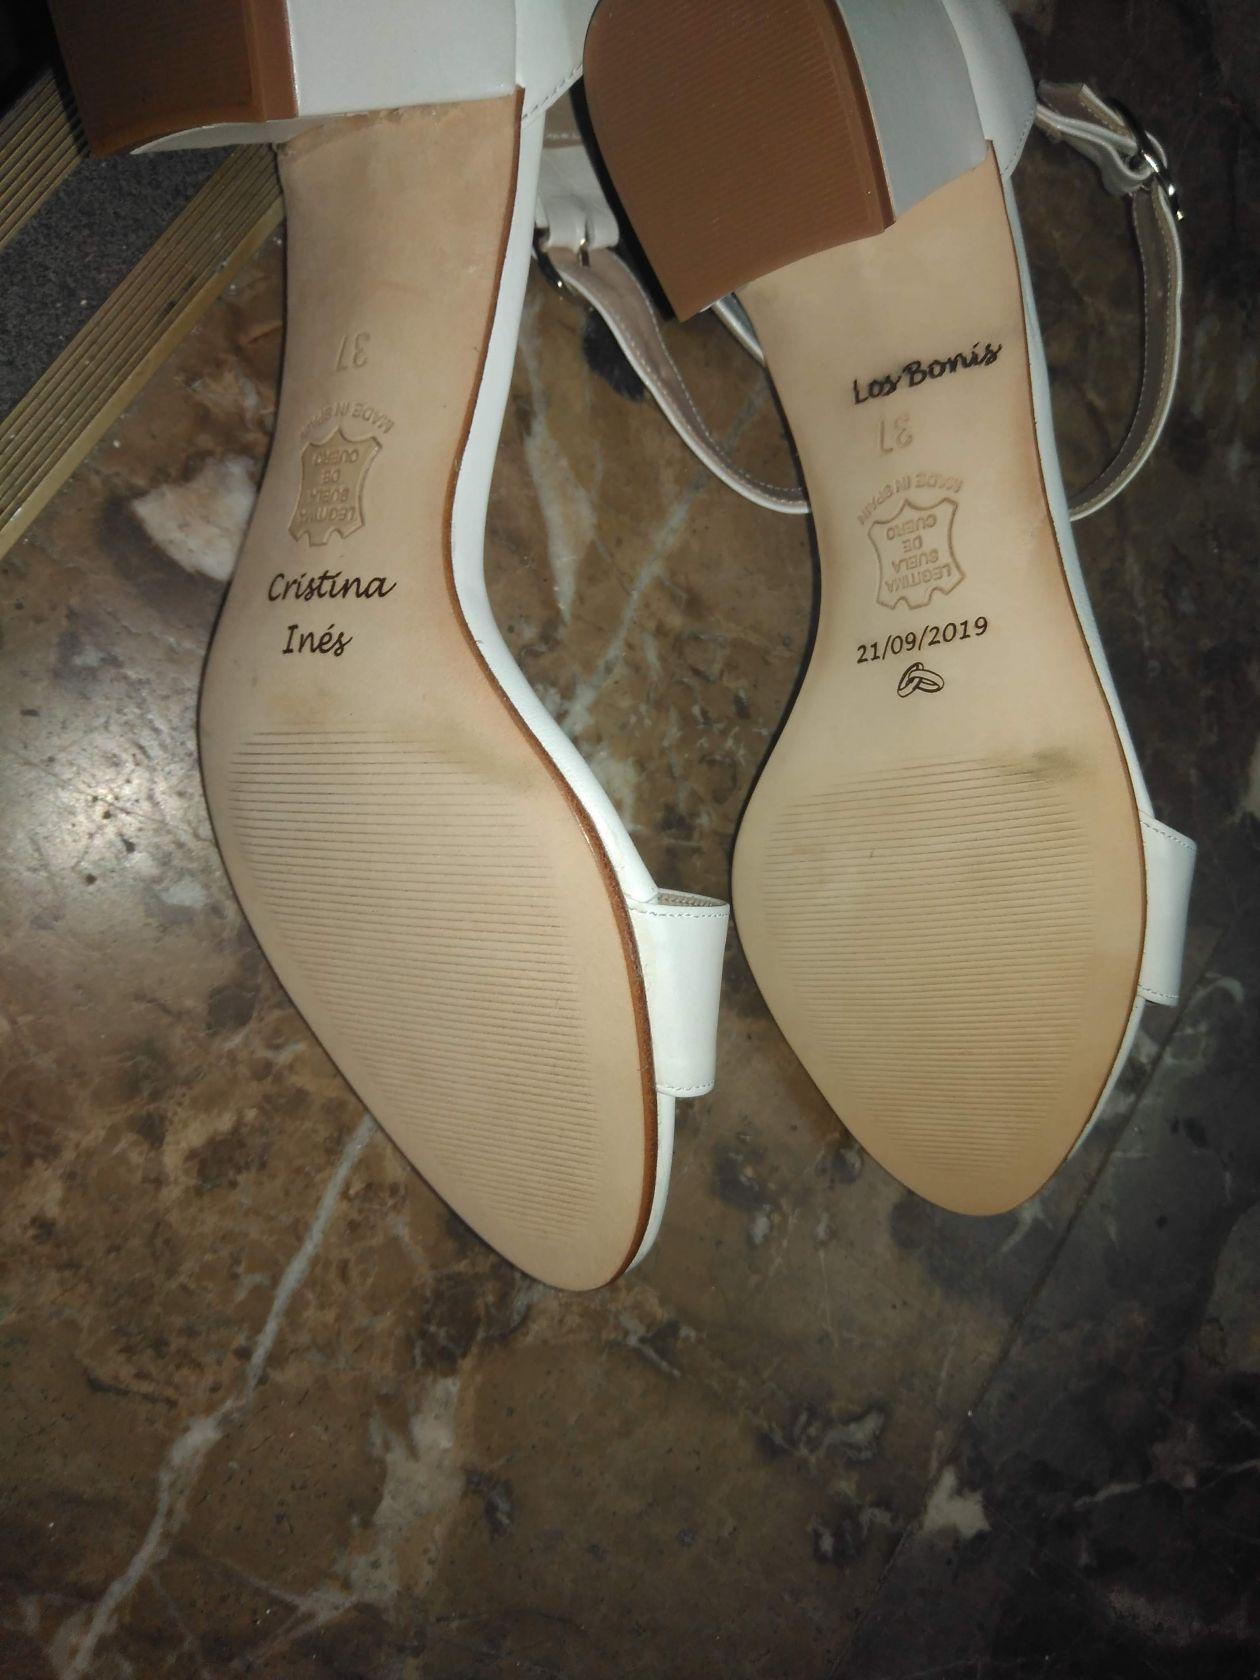 Grabación zapatos para bodas personalizados, regalos boda, grabación con laser cuero